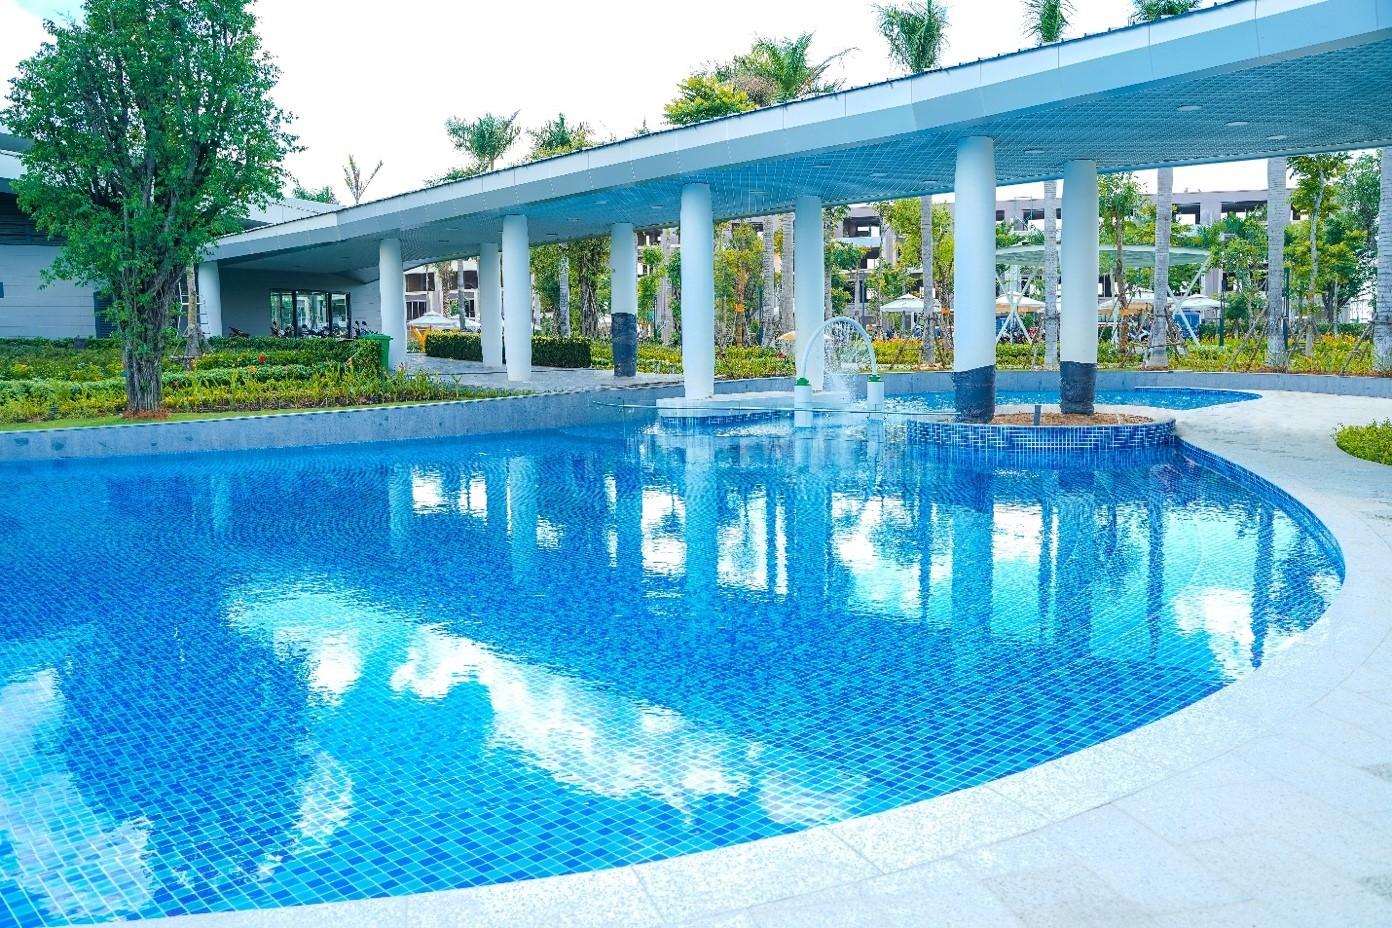 Hồ bơi tại công viên rộng 3 ha Gem Sky Park đã hoàn thiện và chuẩn bị đưa vào sử dụng. Ảnh: Tập đoàn Đất Xanh.